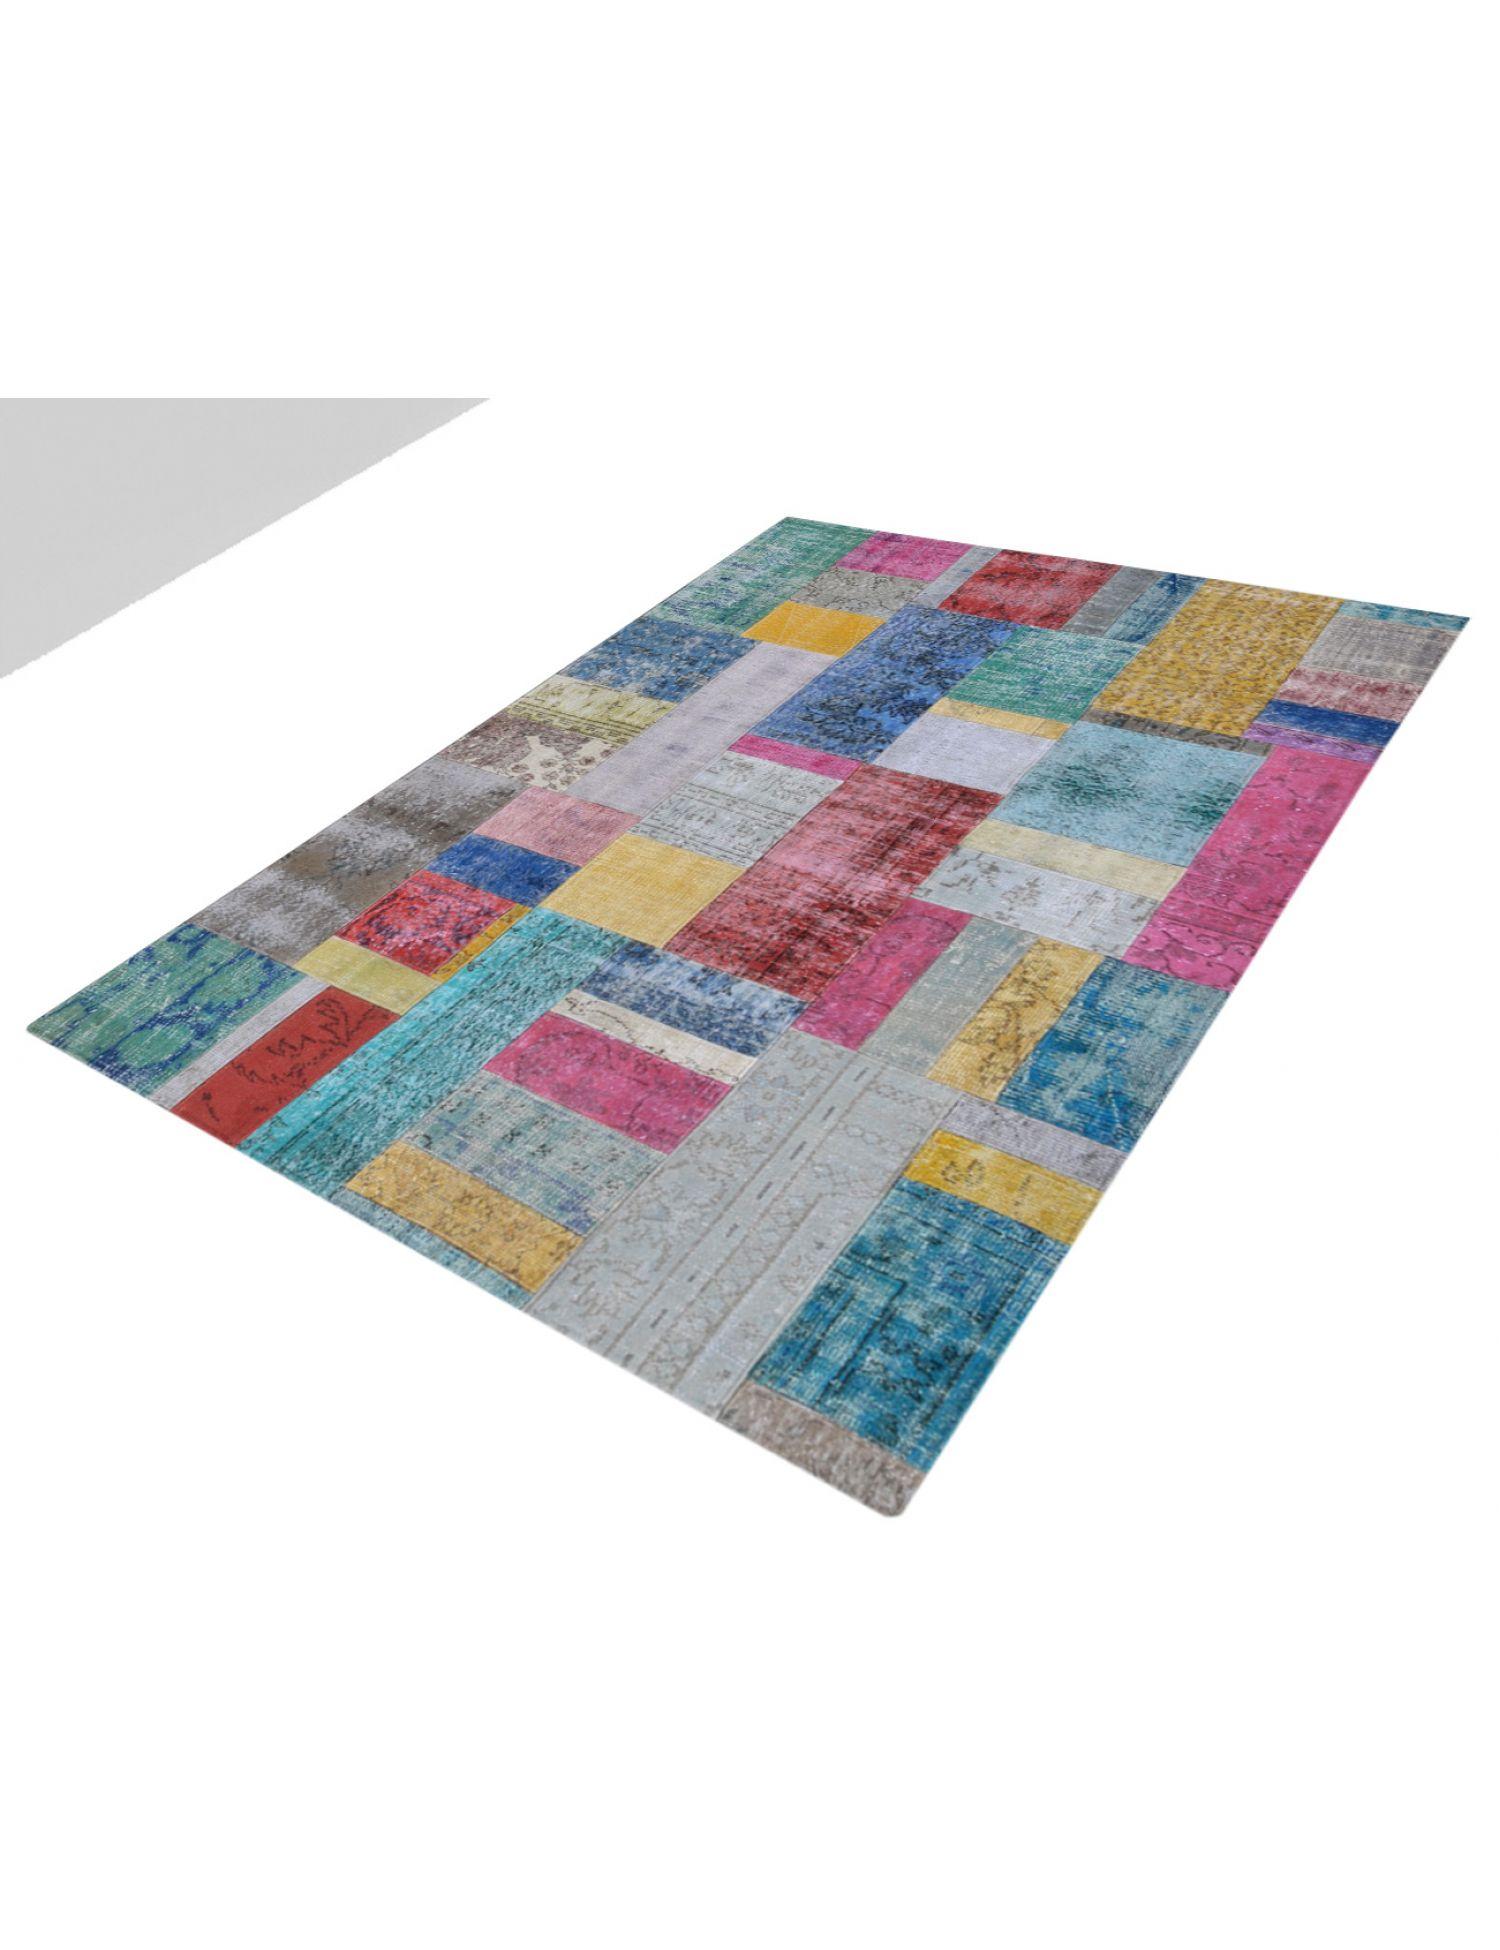 Patchwork Carpet   multicolor <br/>240 x 173 cm